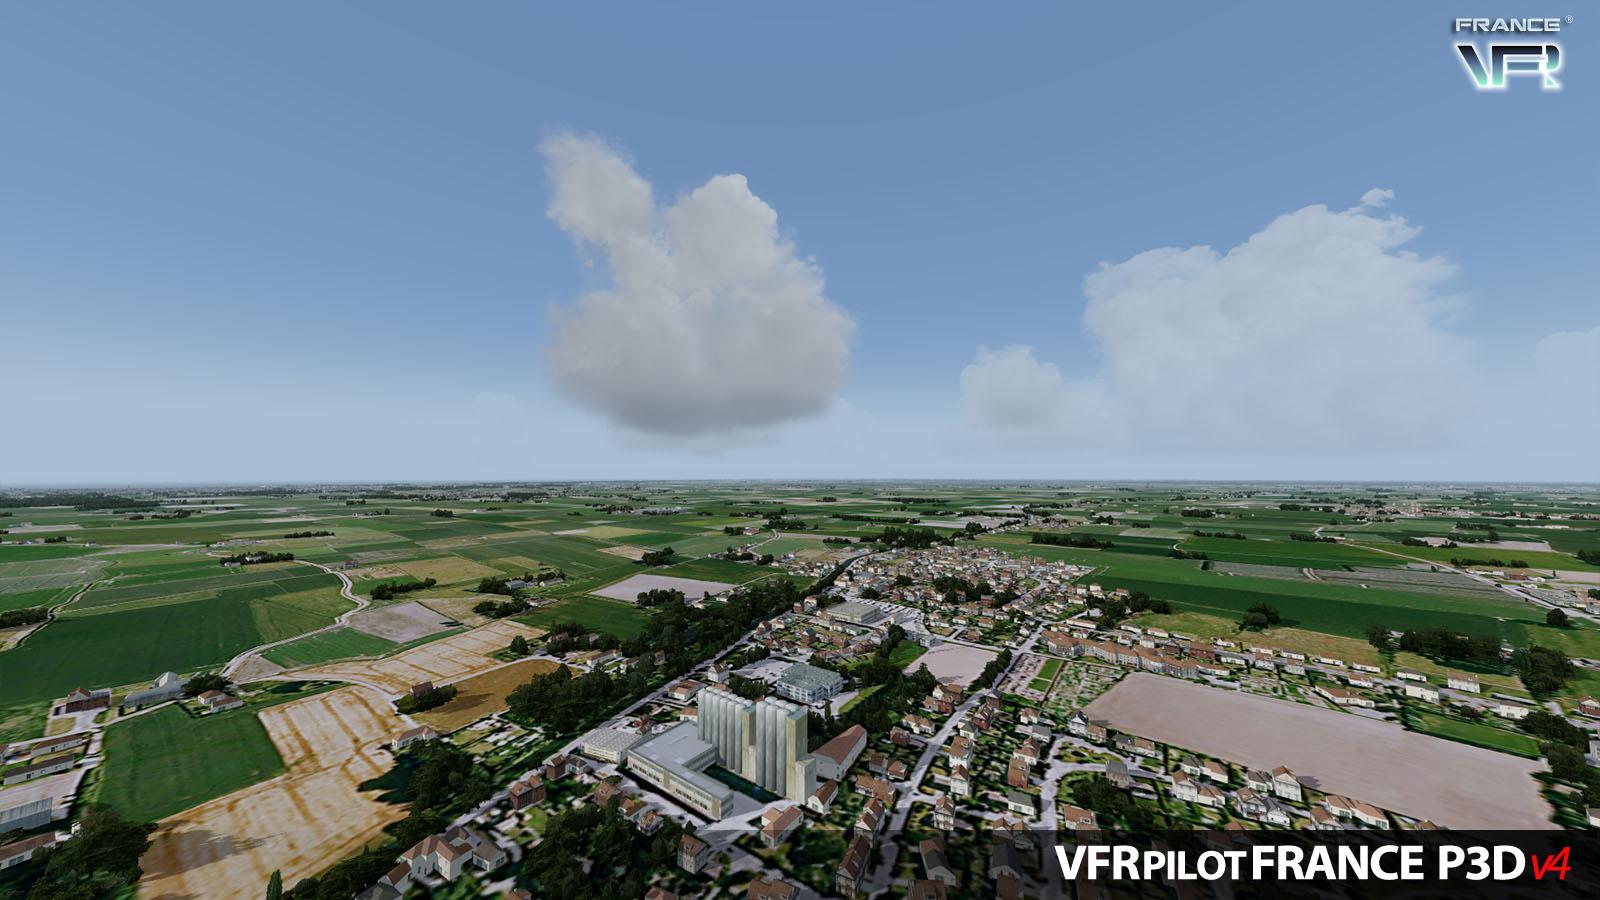 VFRFRAP3D_23.jpg